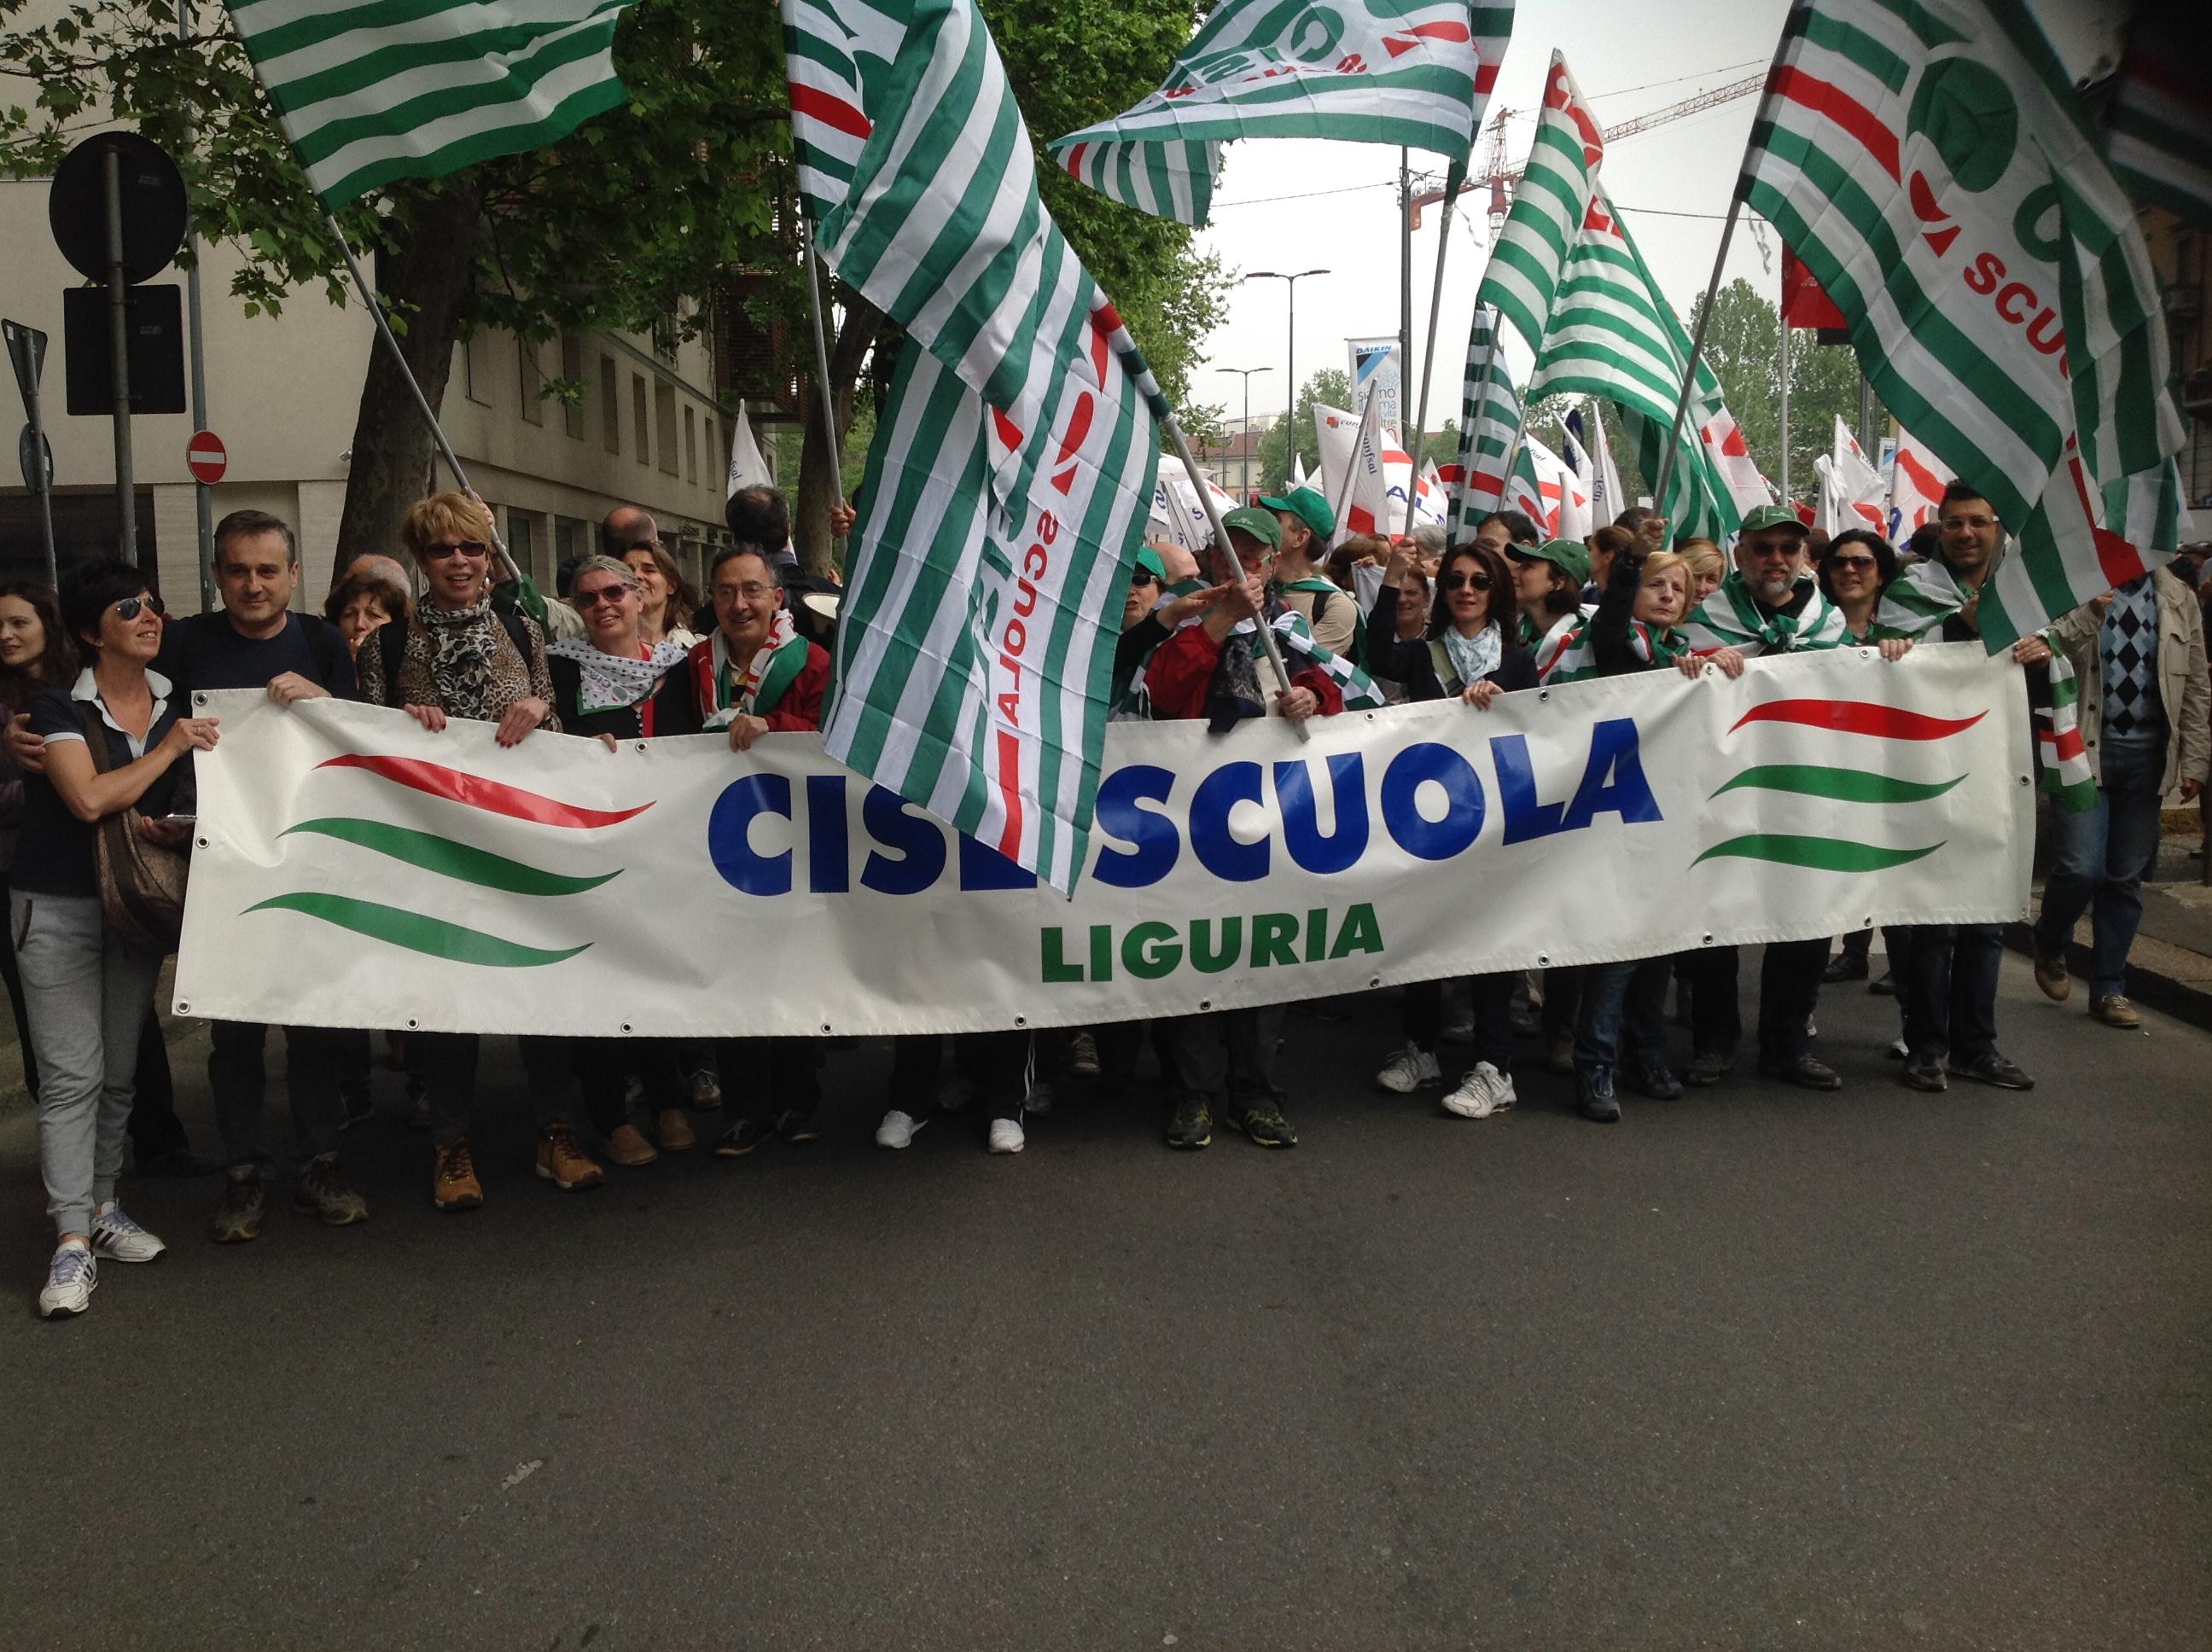 Pubblicato in 1 Cisl Scuola Liguria